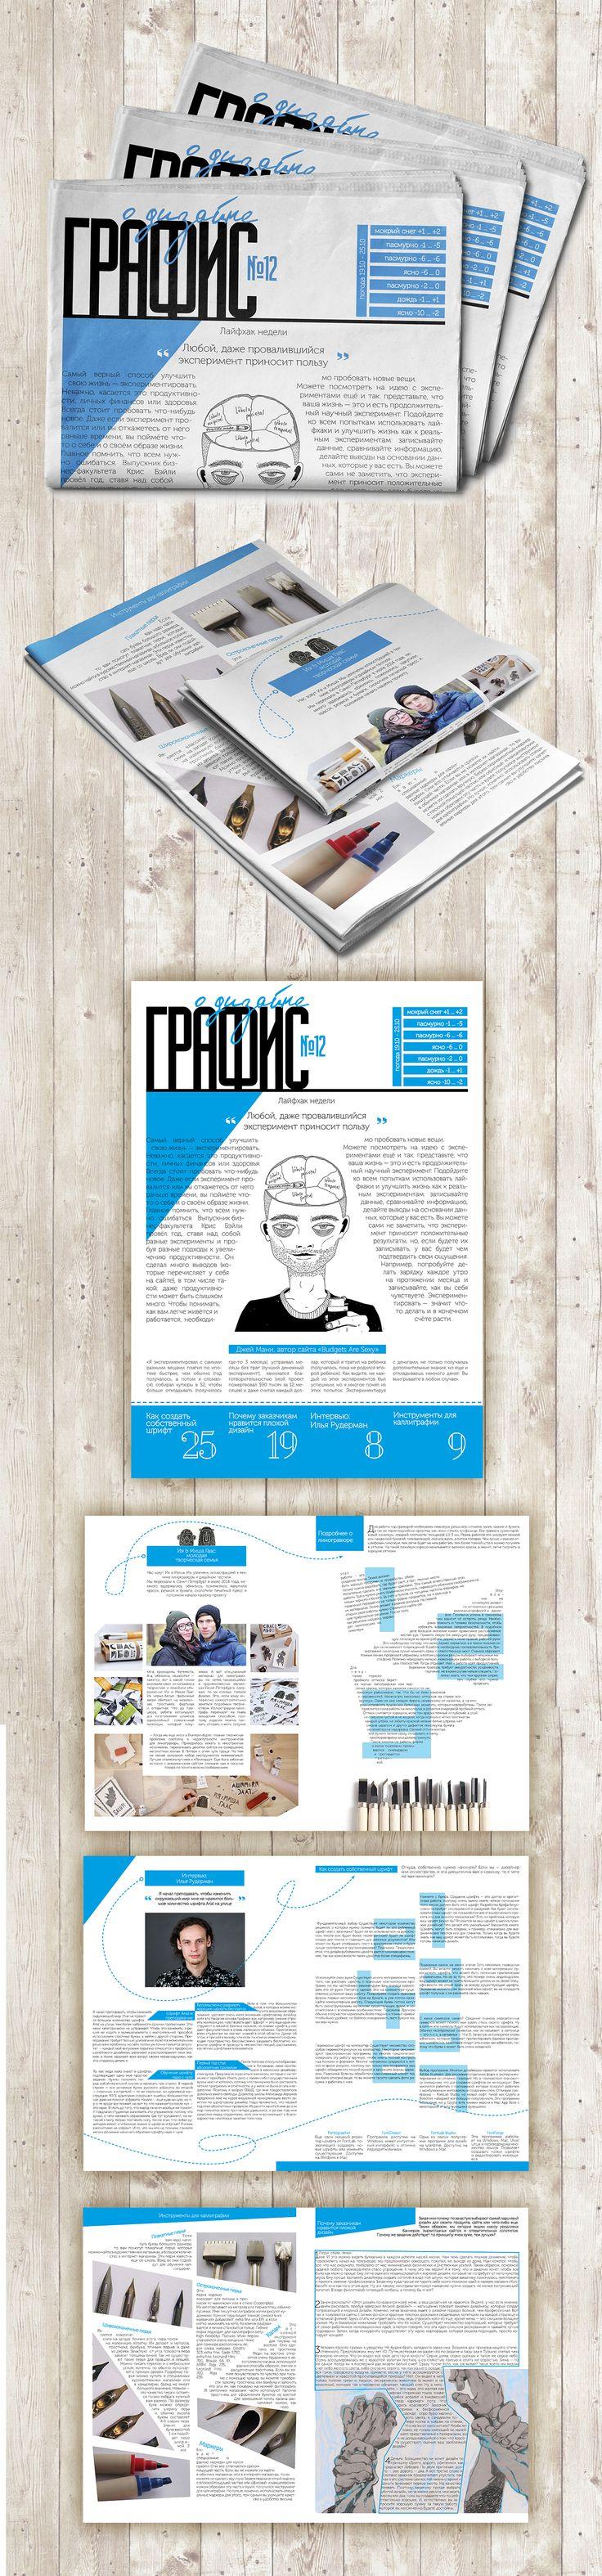 #дизайн #графический #газета #newspaper #design